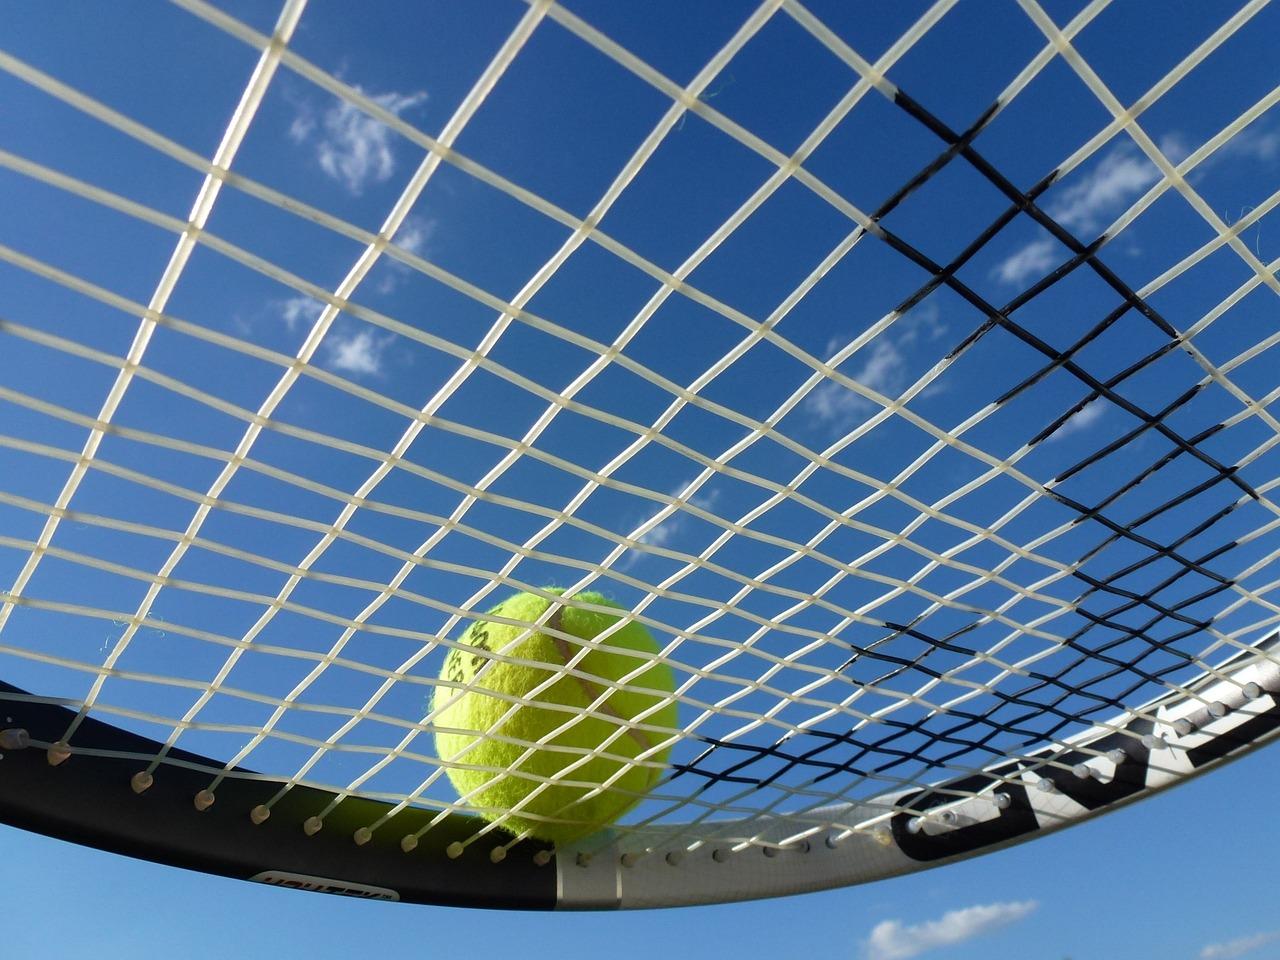 A tennis ball resting on a tennis racquet.